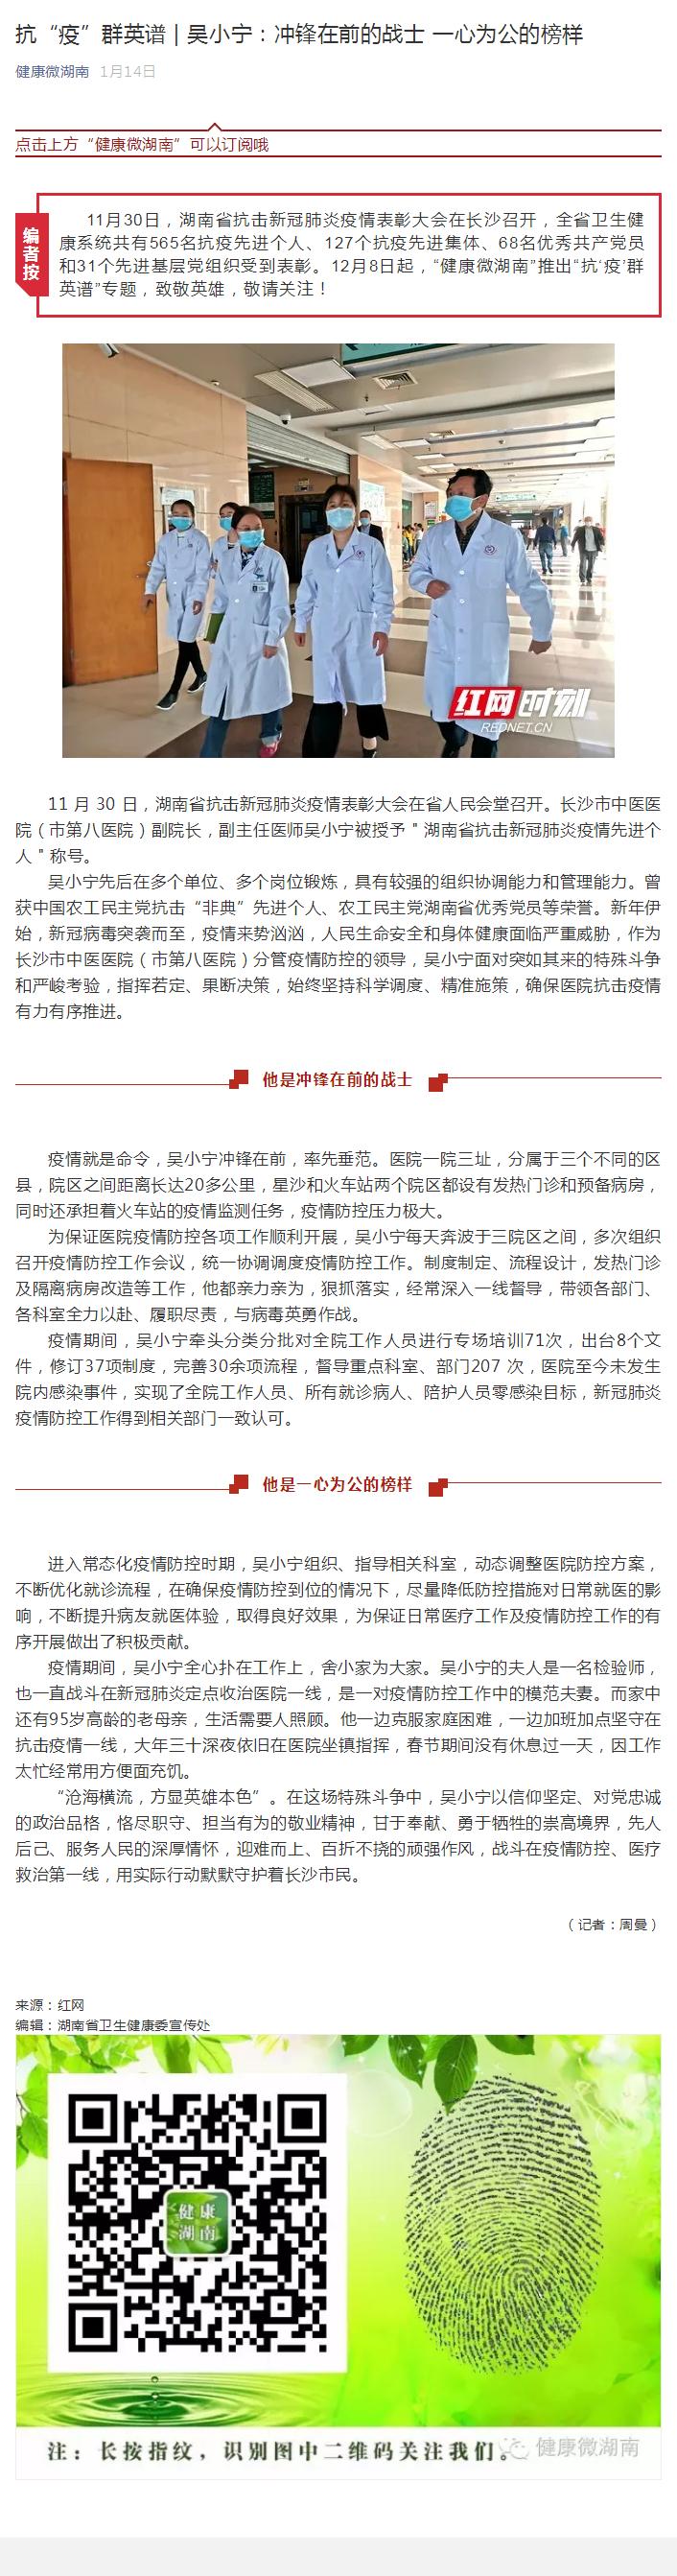 """抗""""疫""""群英谱 _ 吴小宁:冲锋在前的战士 一心为公的榜样.png"""